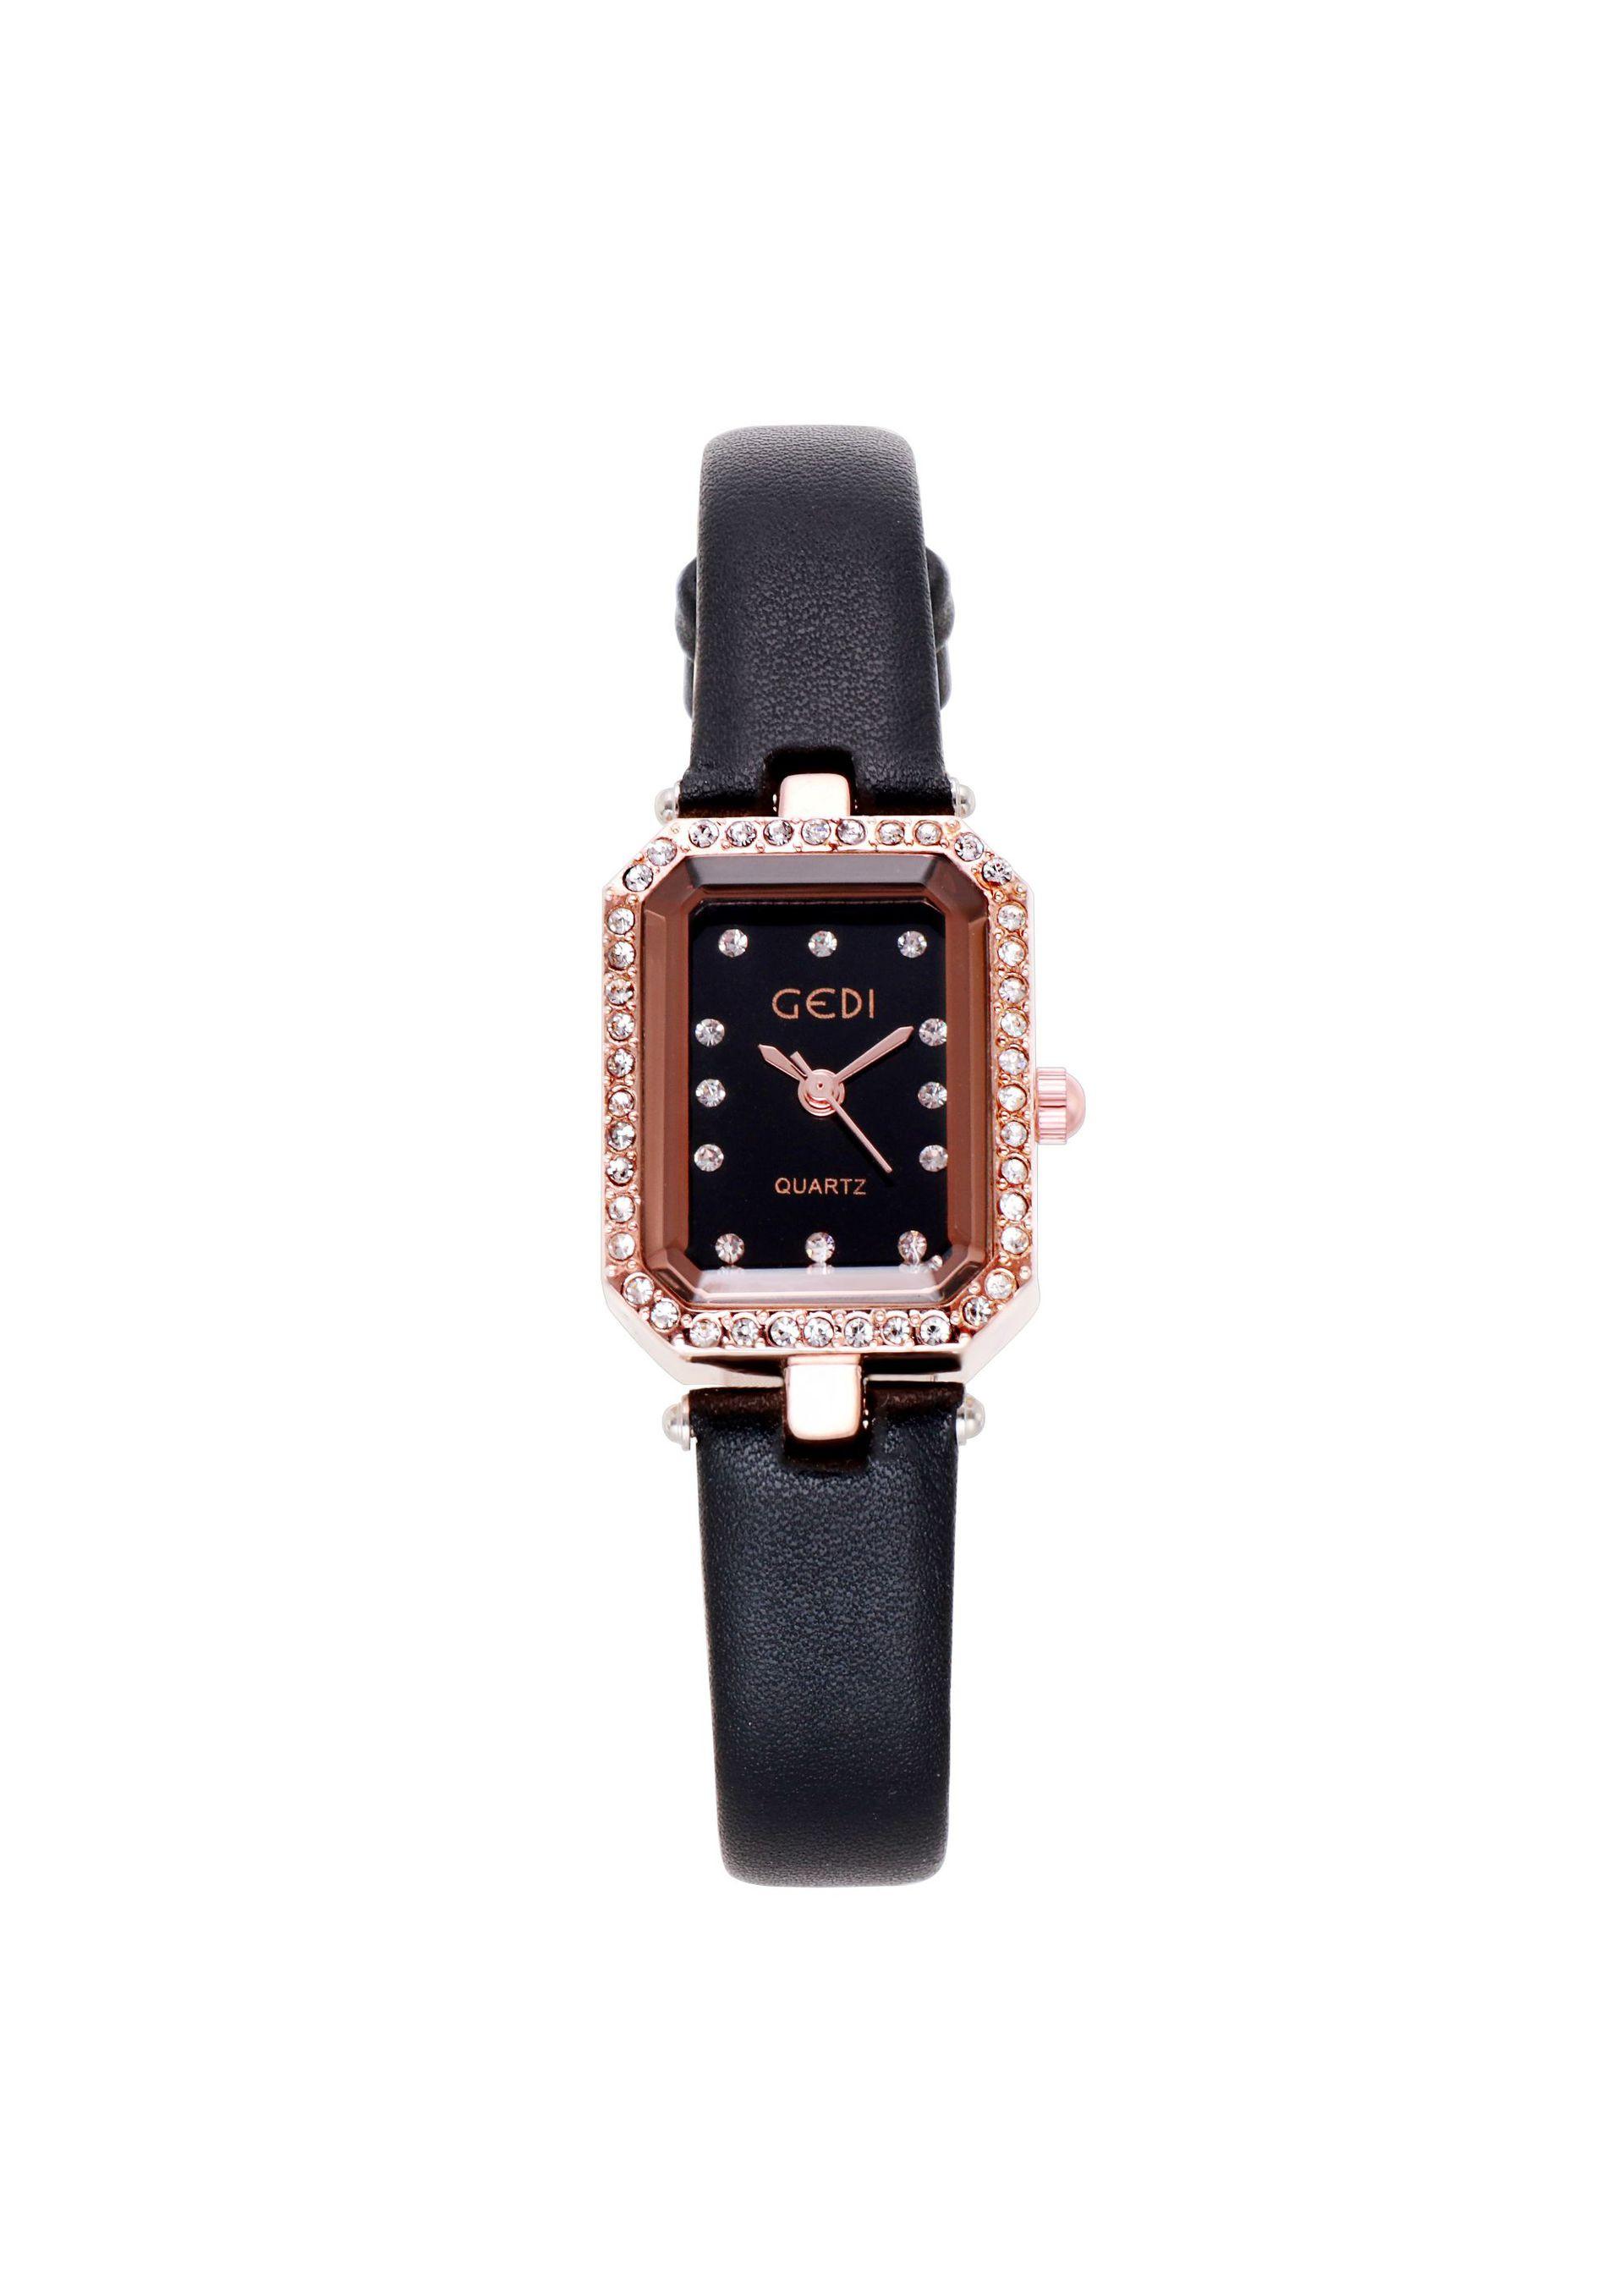 Đồng hồ nữ GEDI phong cách Hàn Quốc đính đá 3D, mặt chữ nhật nhỏ - Hàng chính hãng